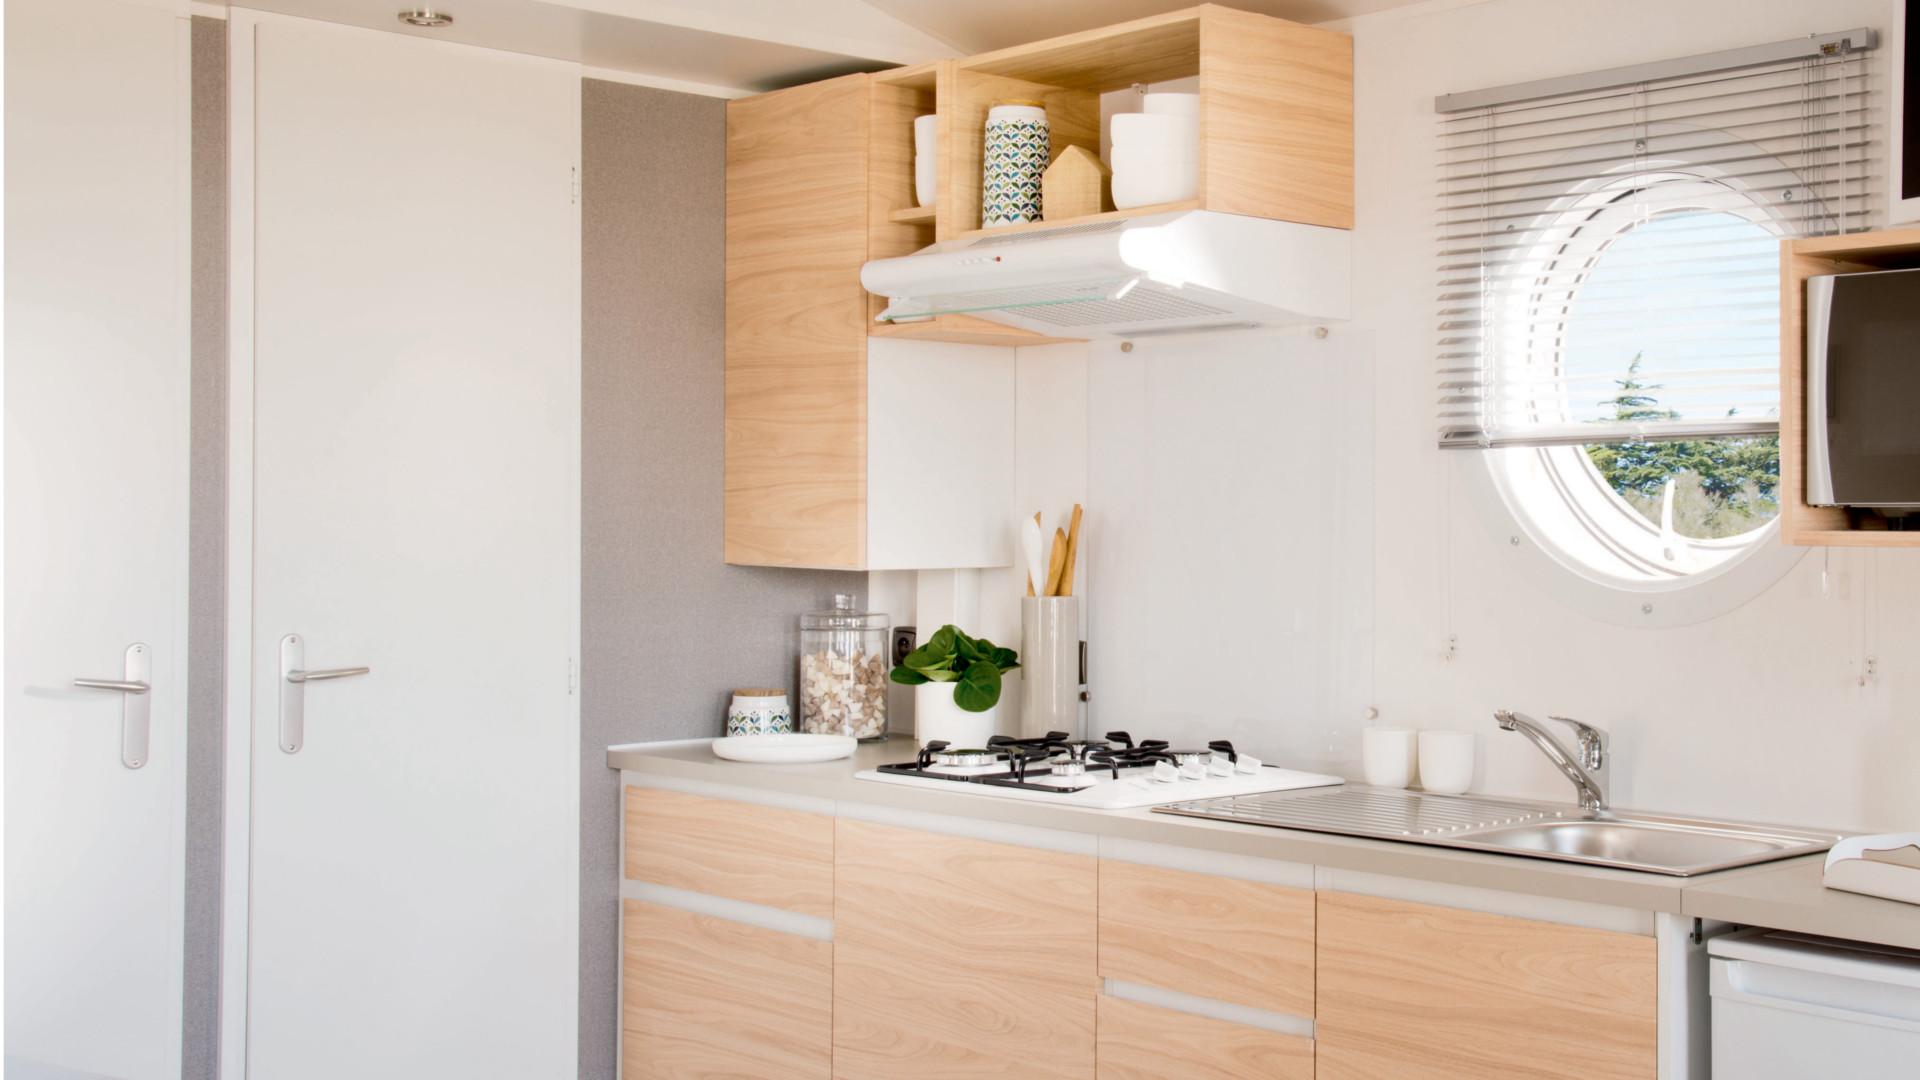 Cuisine du Mobile-home Omaha évier plaque de cuisson